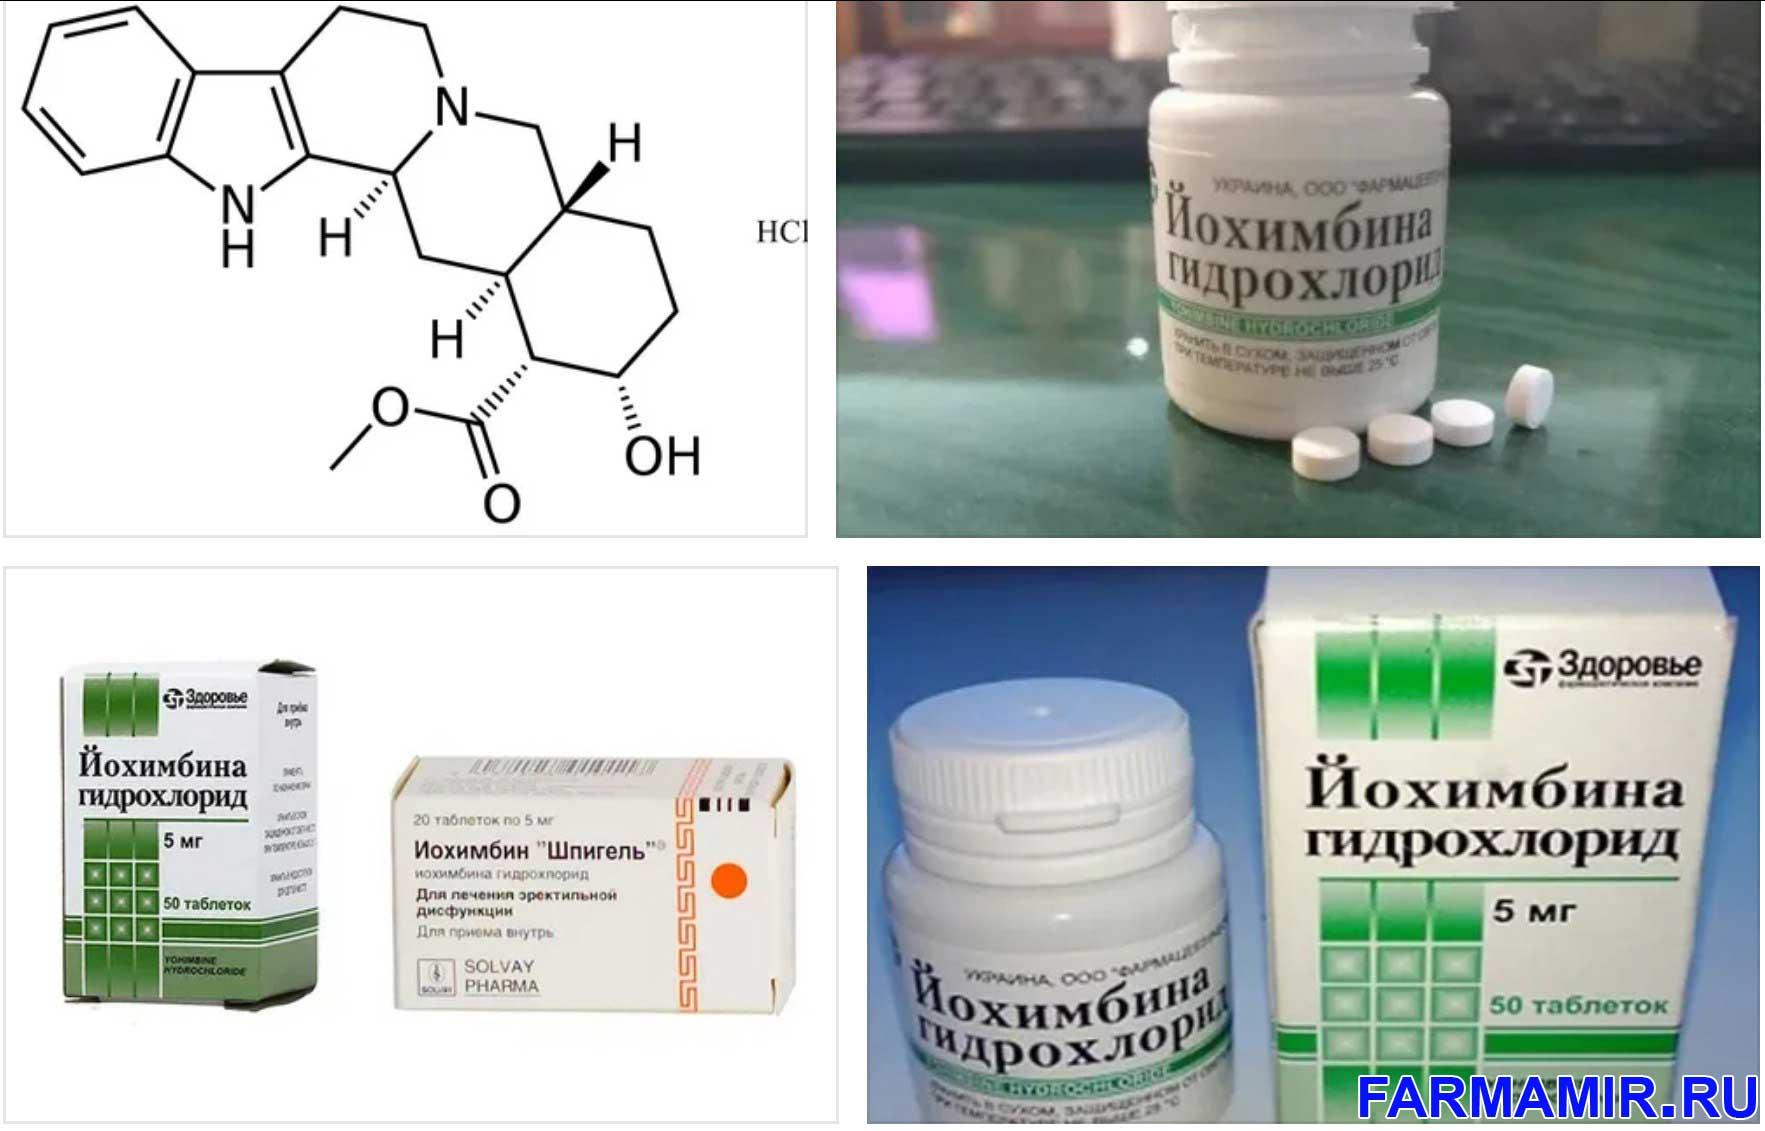 йохимбина гидрохлорид и простатит